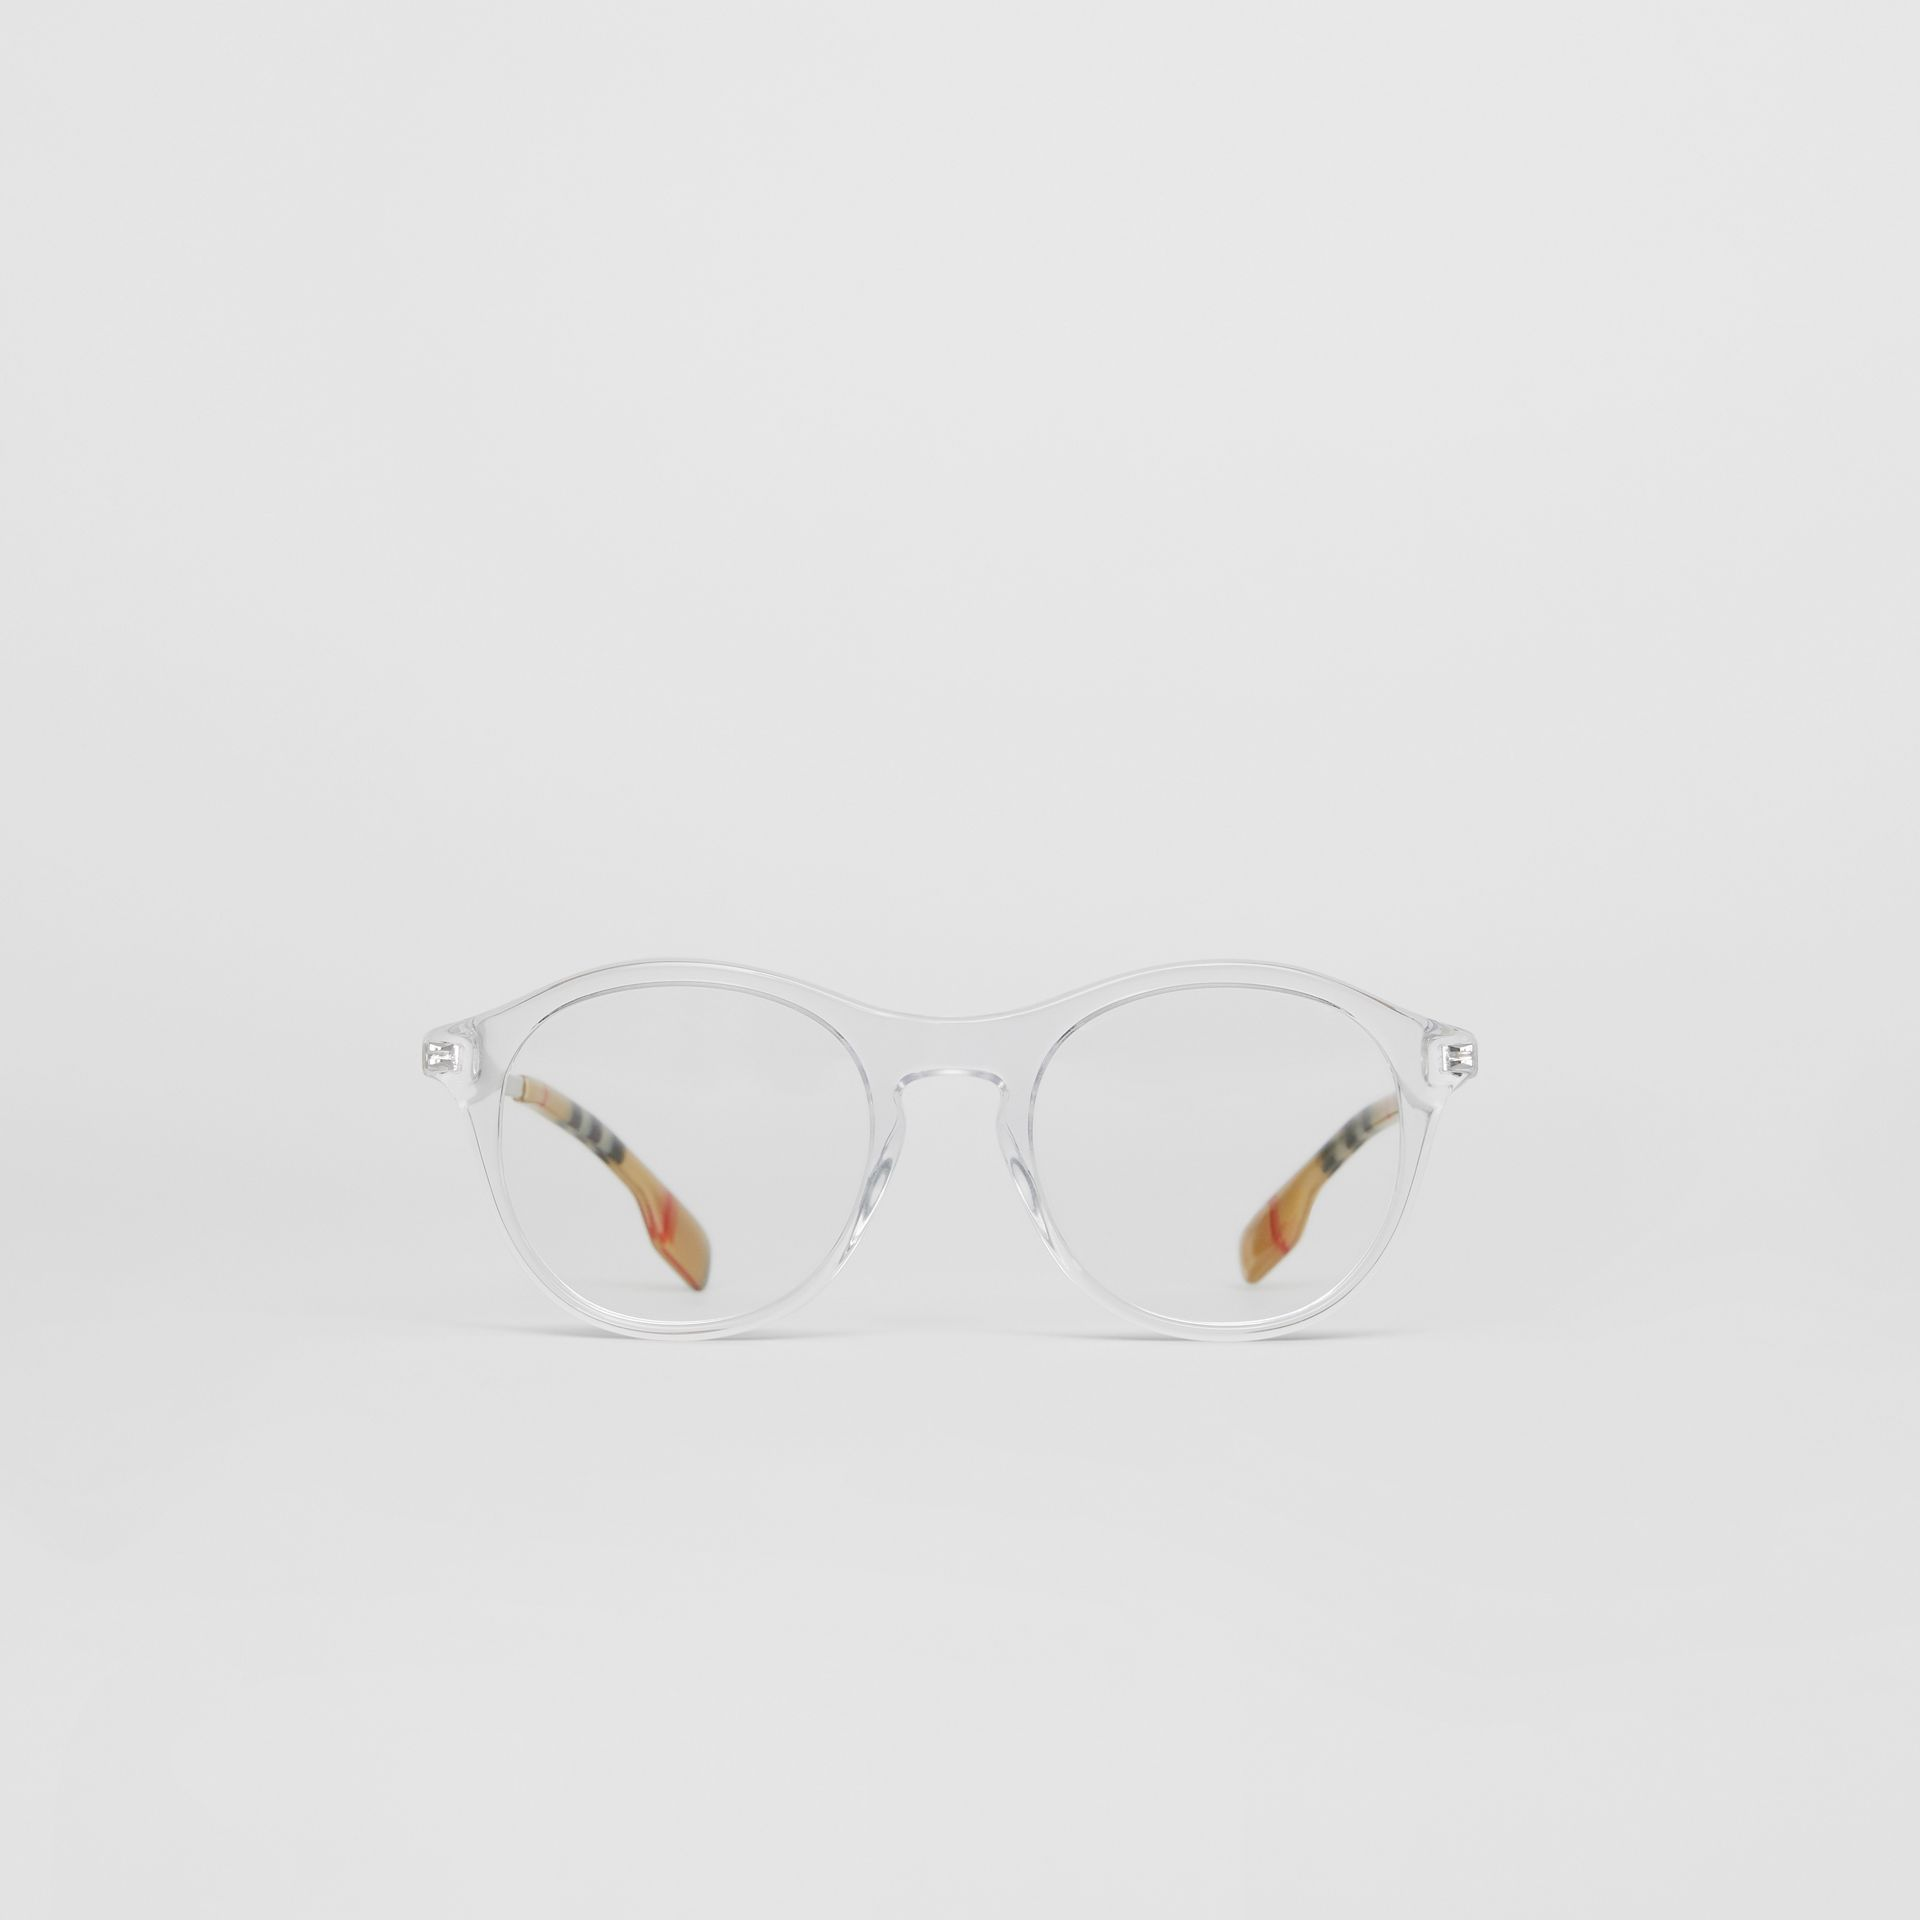 Runde Korrekturbrille mit Vintage Check-Detail (Kristall) - Damen | Burberry - Galerie-Bild 0